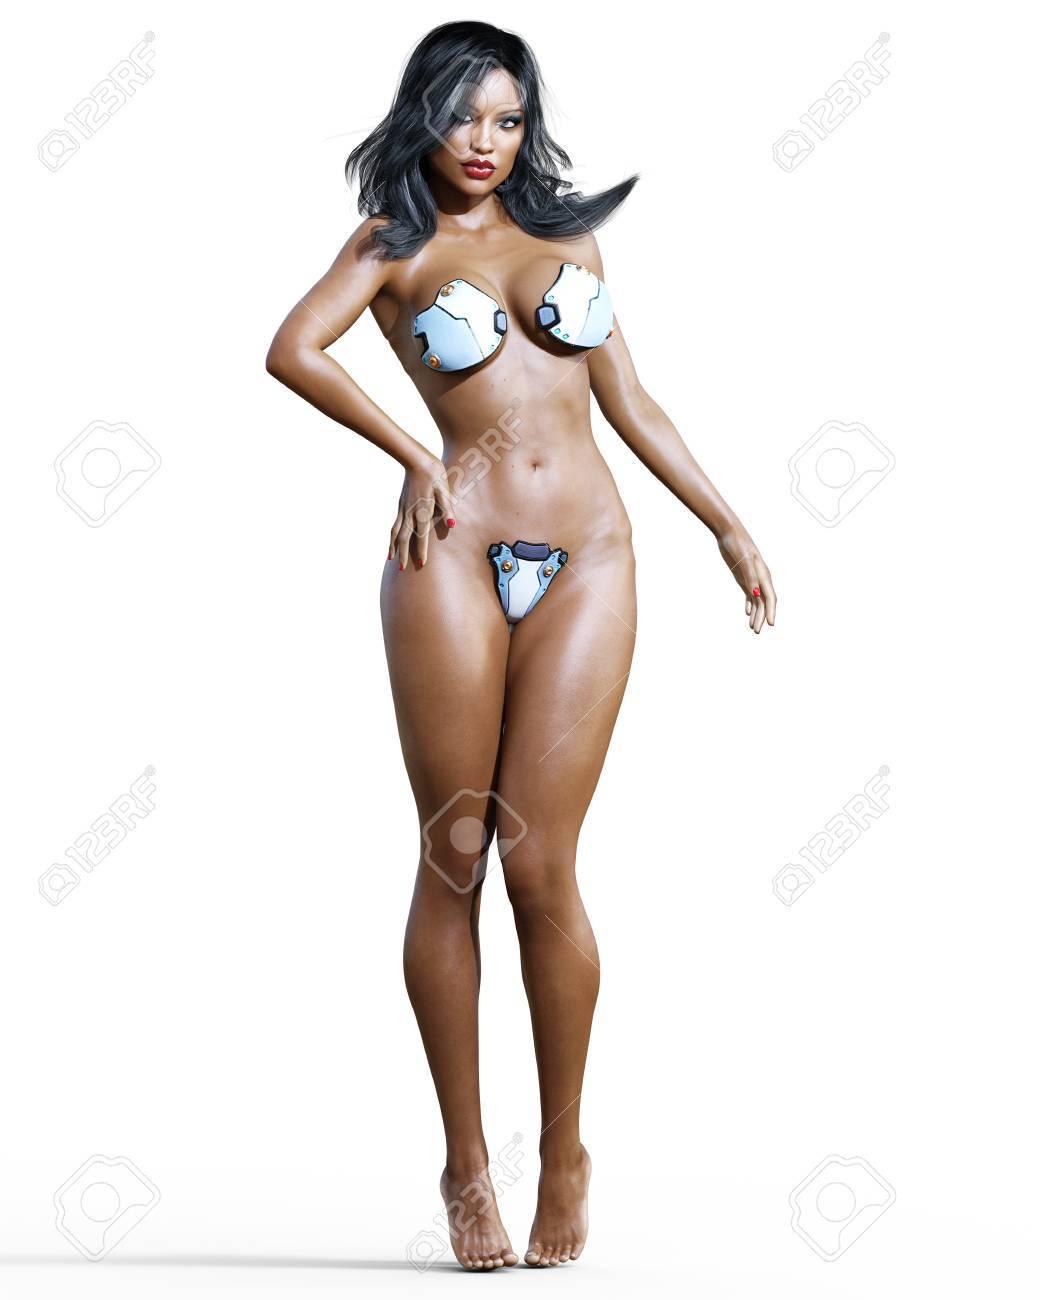 Mulatto nude tall women pity